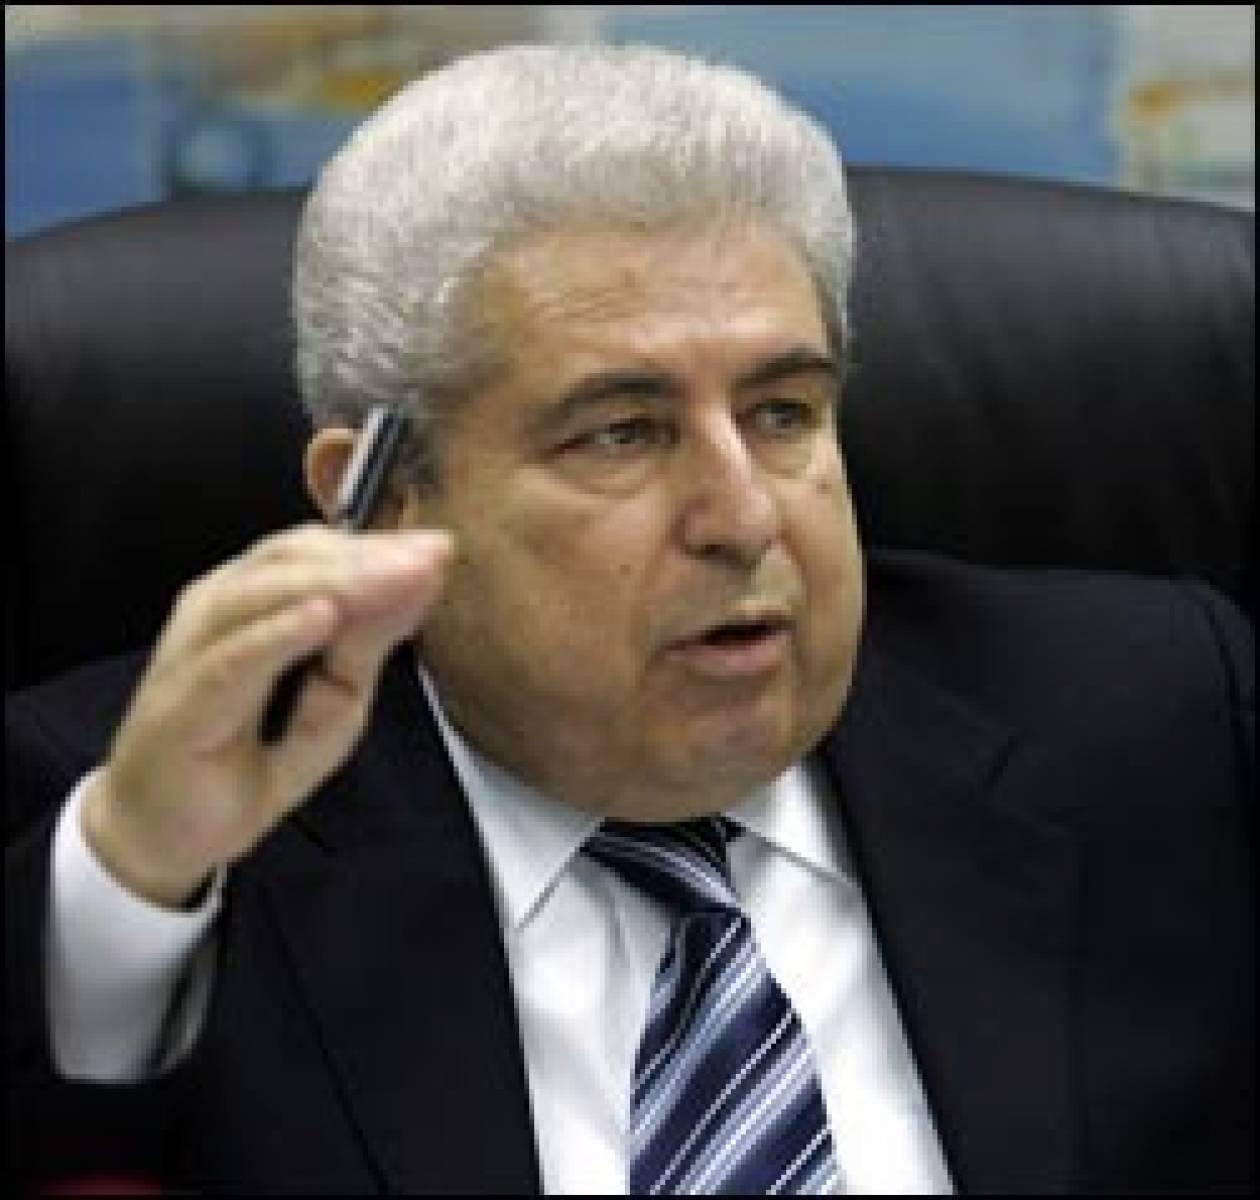 Κύπρος: Παραιτήθηκαν τα μέλη του Υπουργικού Συμβουλίου